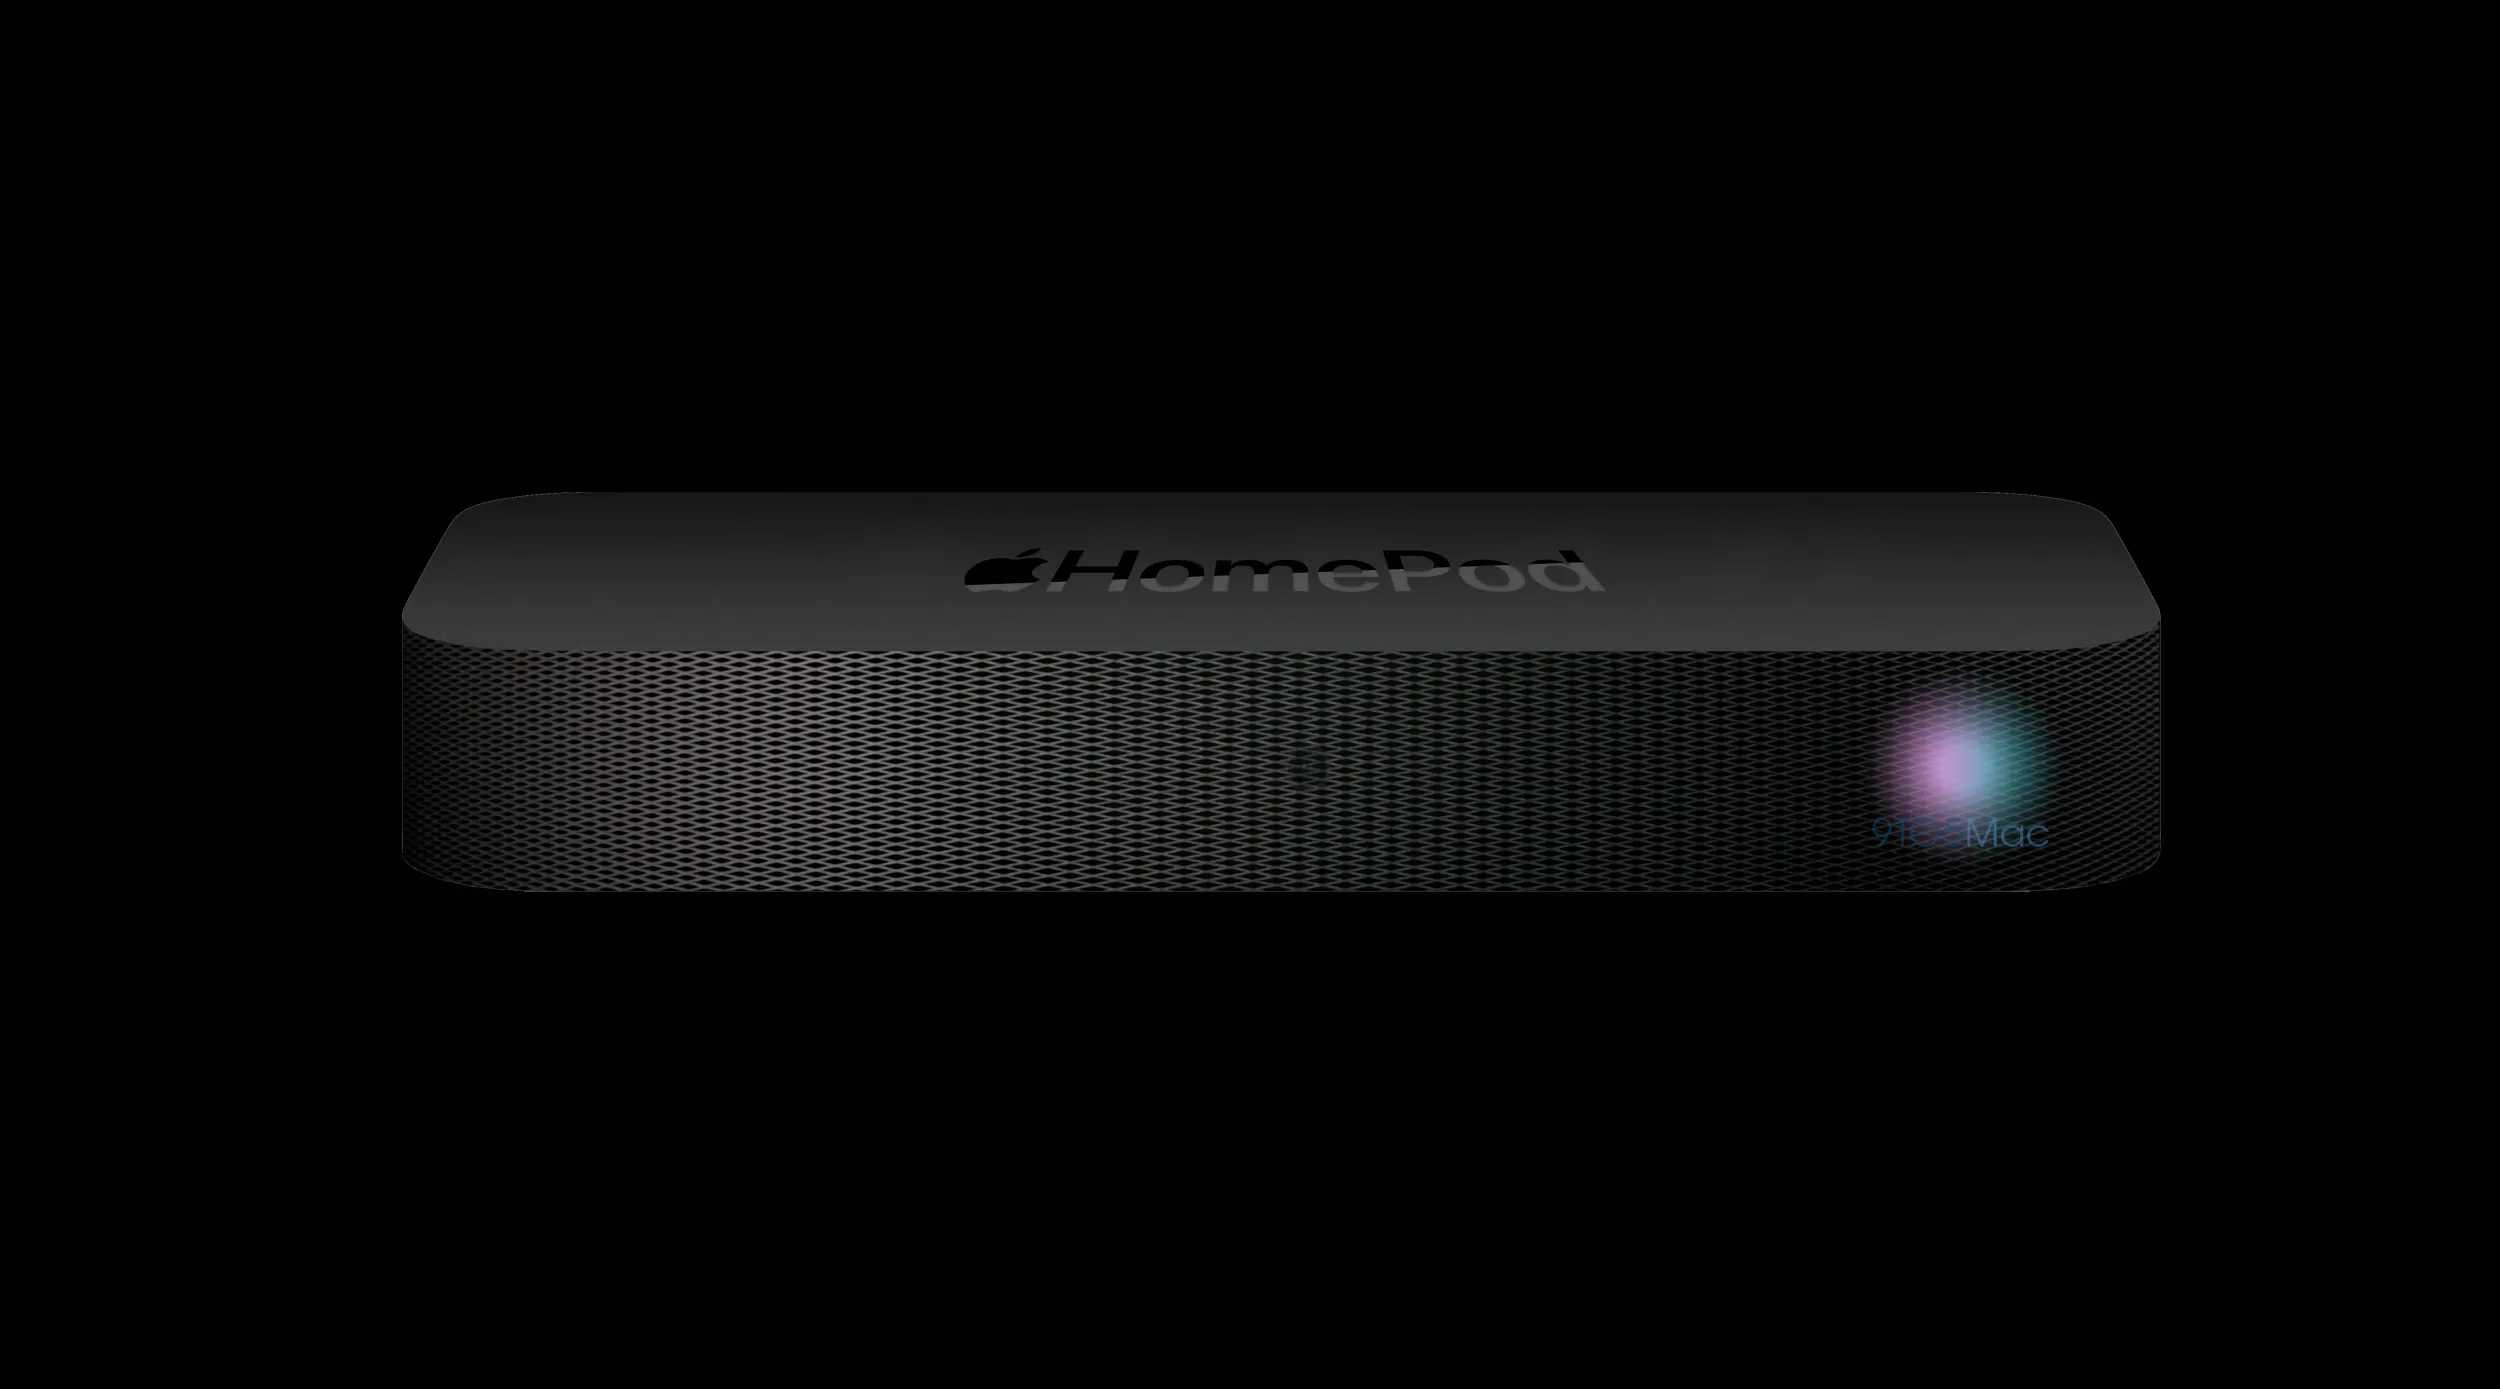 全新Apple TV内置 HomePod 扬声器 居然还有摄像头